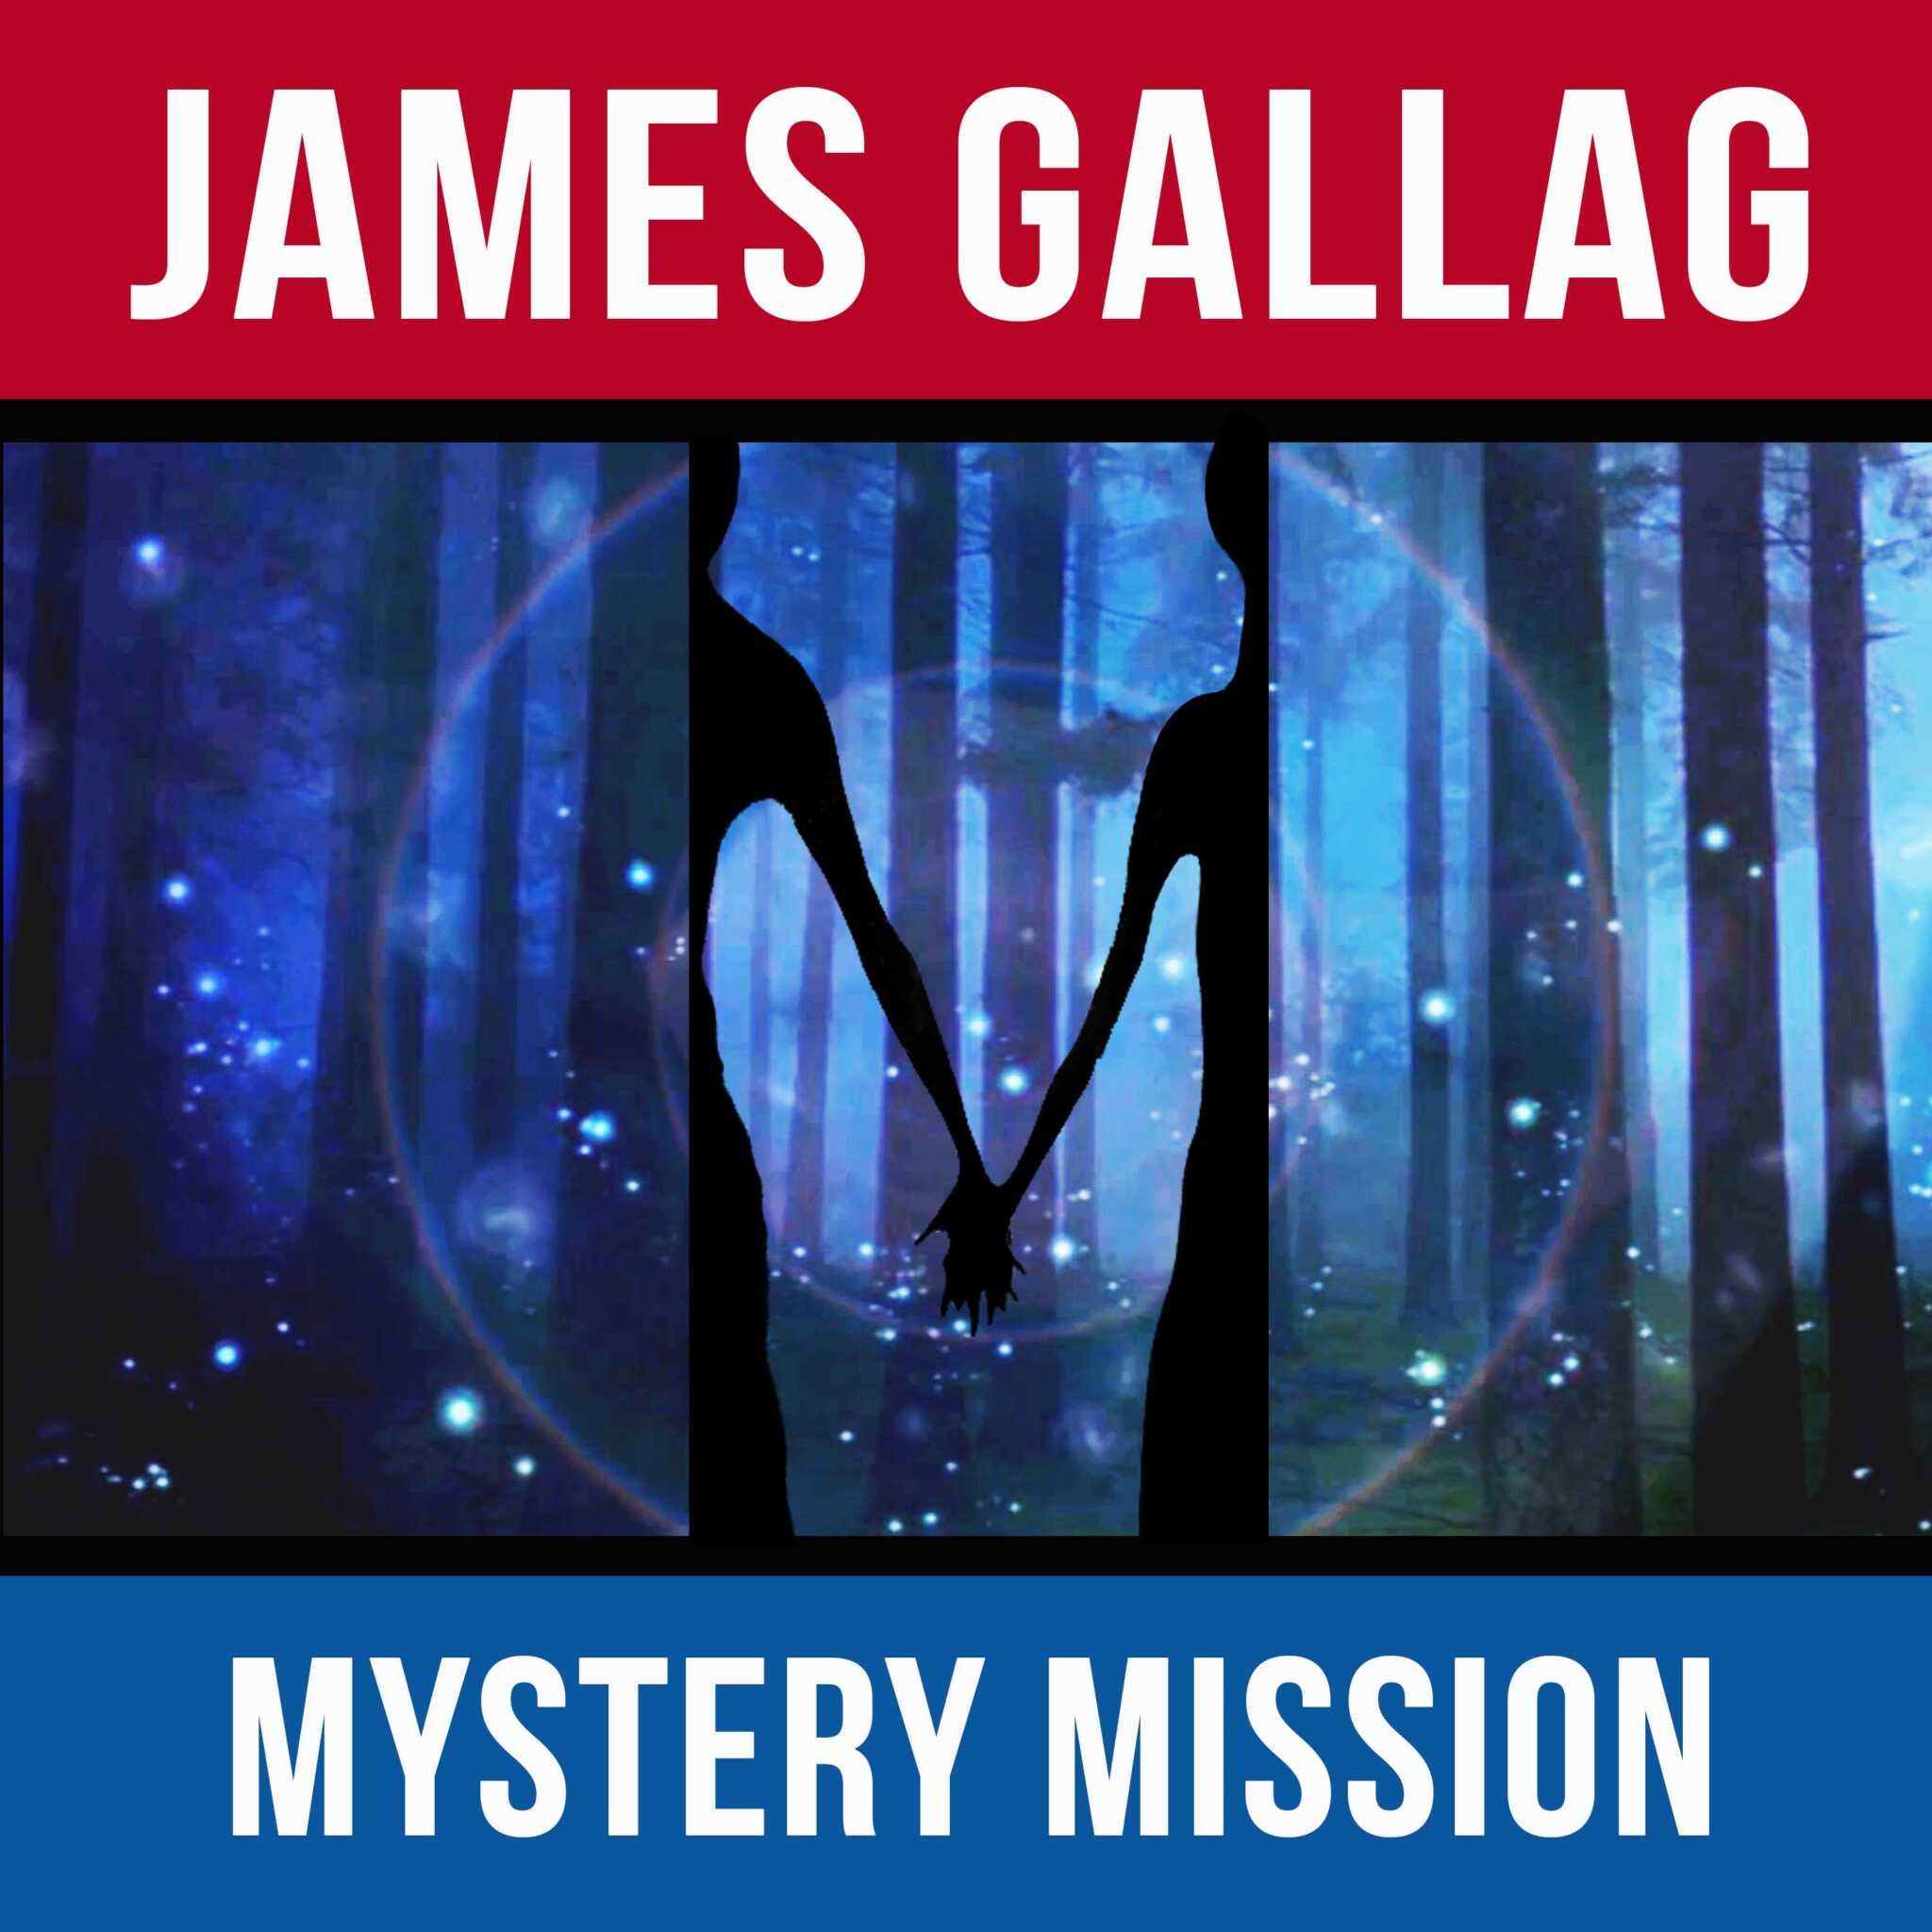 James Gallag,singolo